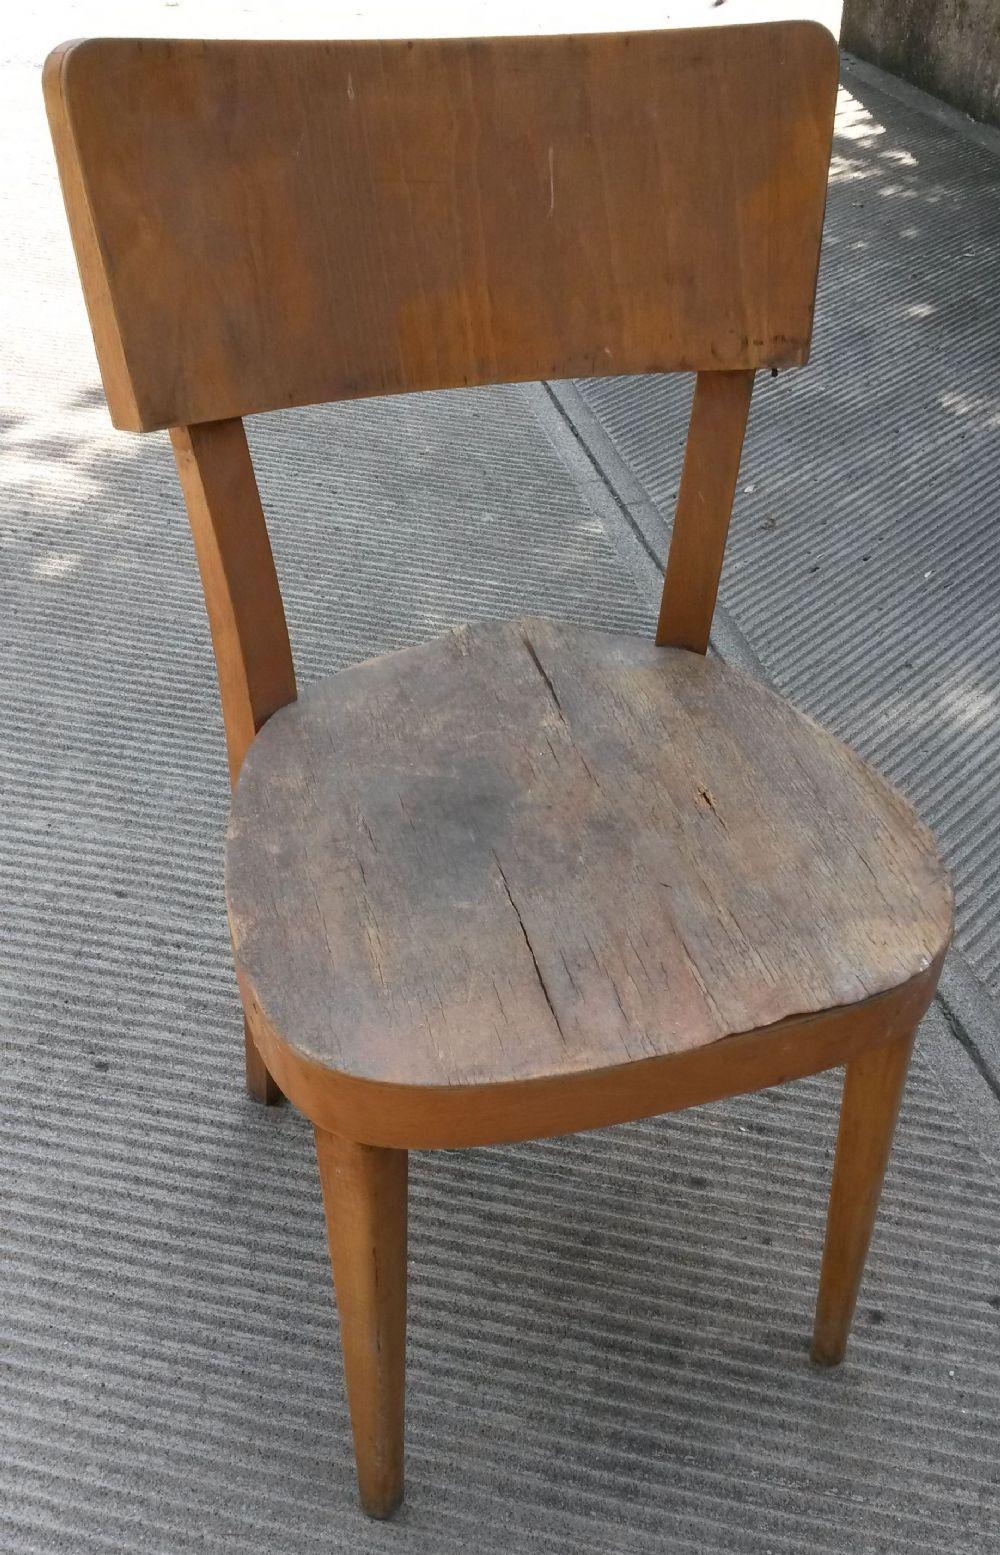 Sedia in legno da restaurare